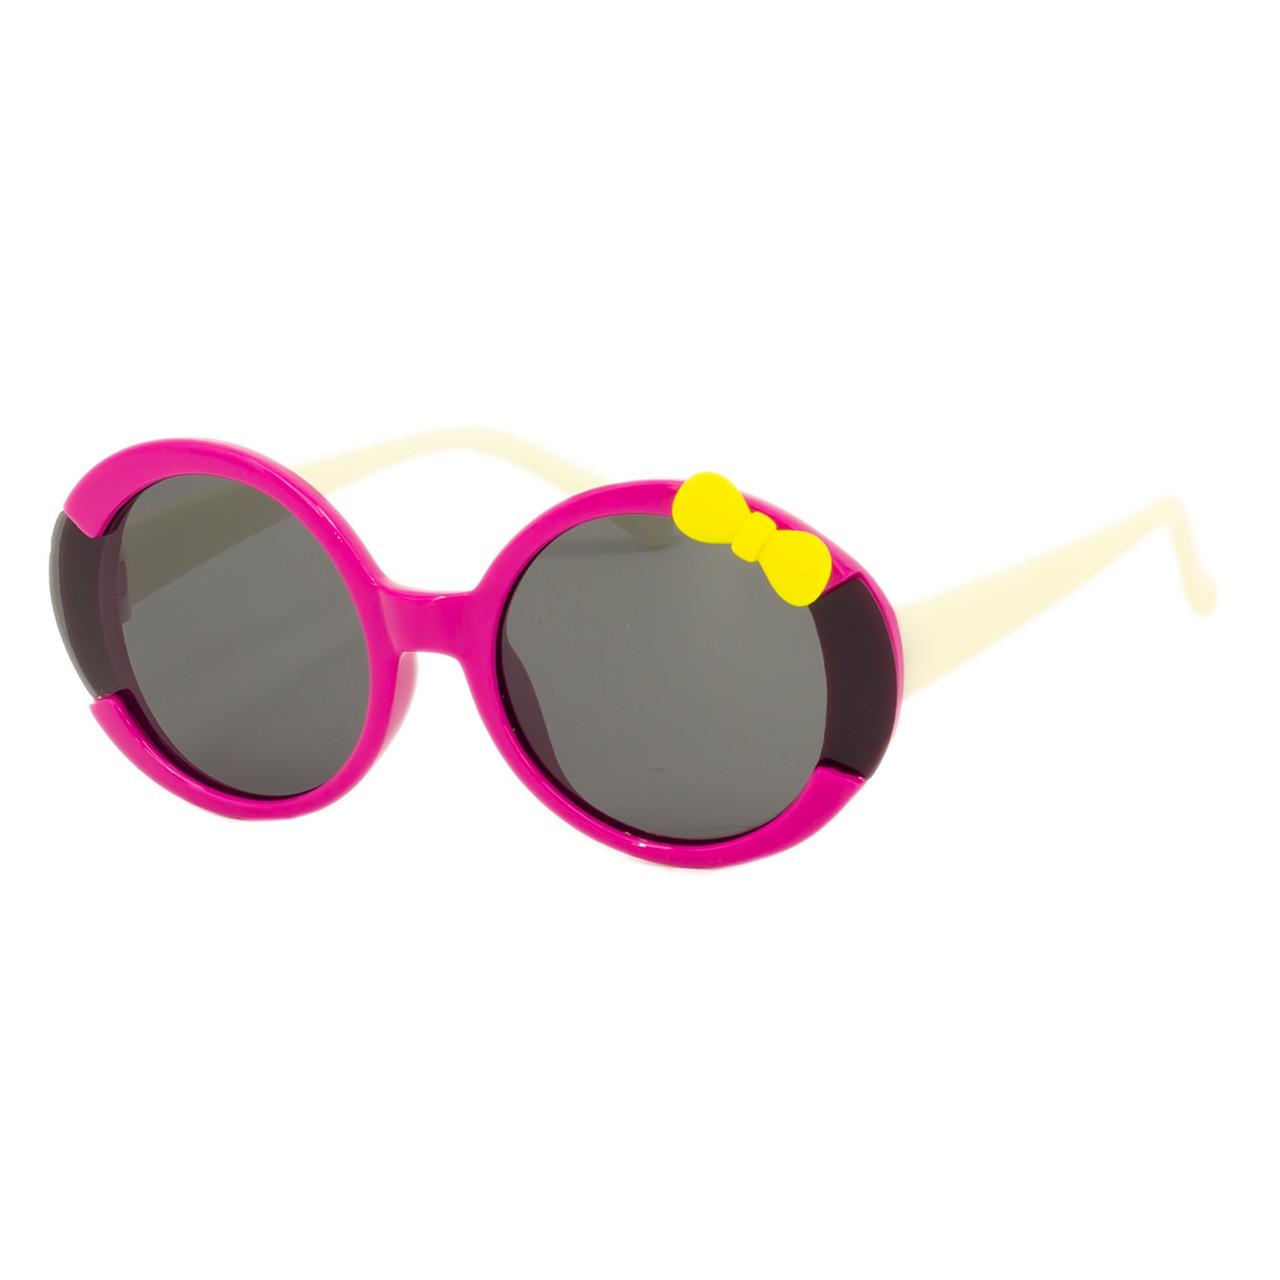 Солнцезащитные очки Marmilen P16136 C3 розовые с белым    ( KAP16136-03 )